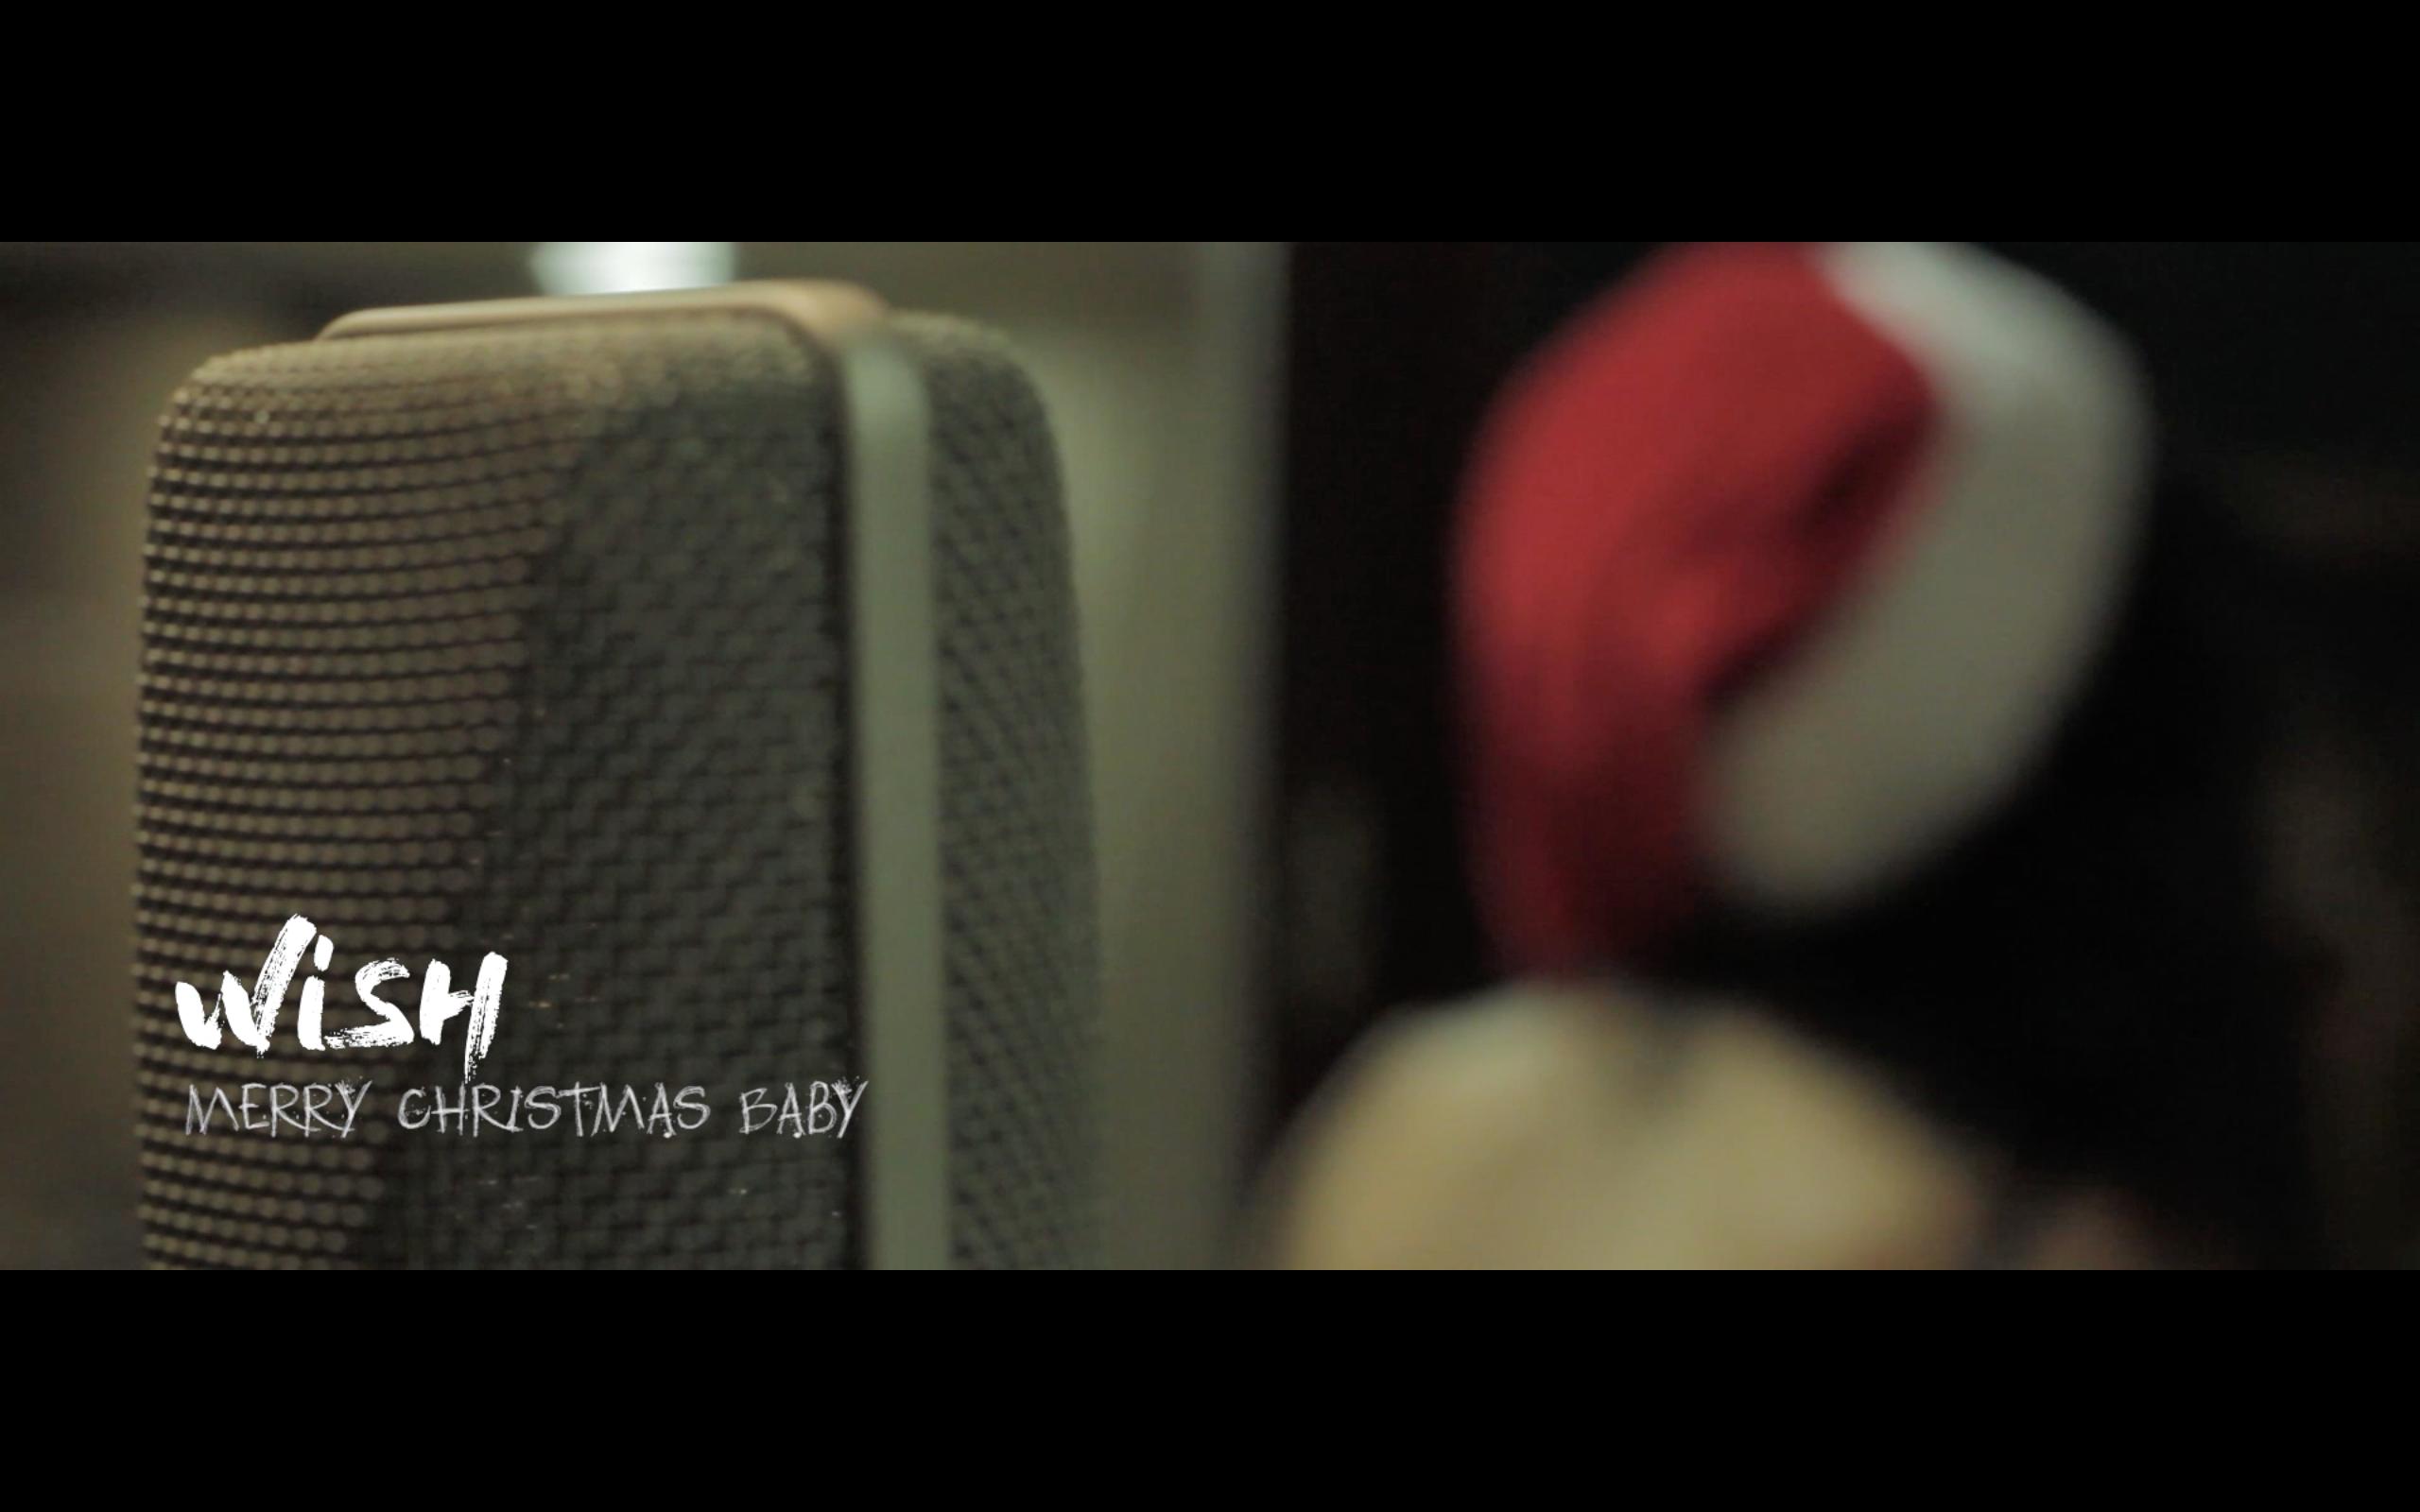 Gravació de la Nadala de Wish